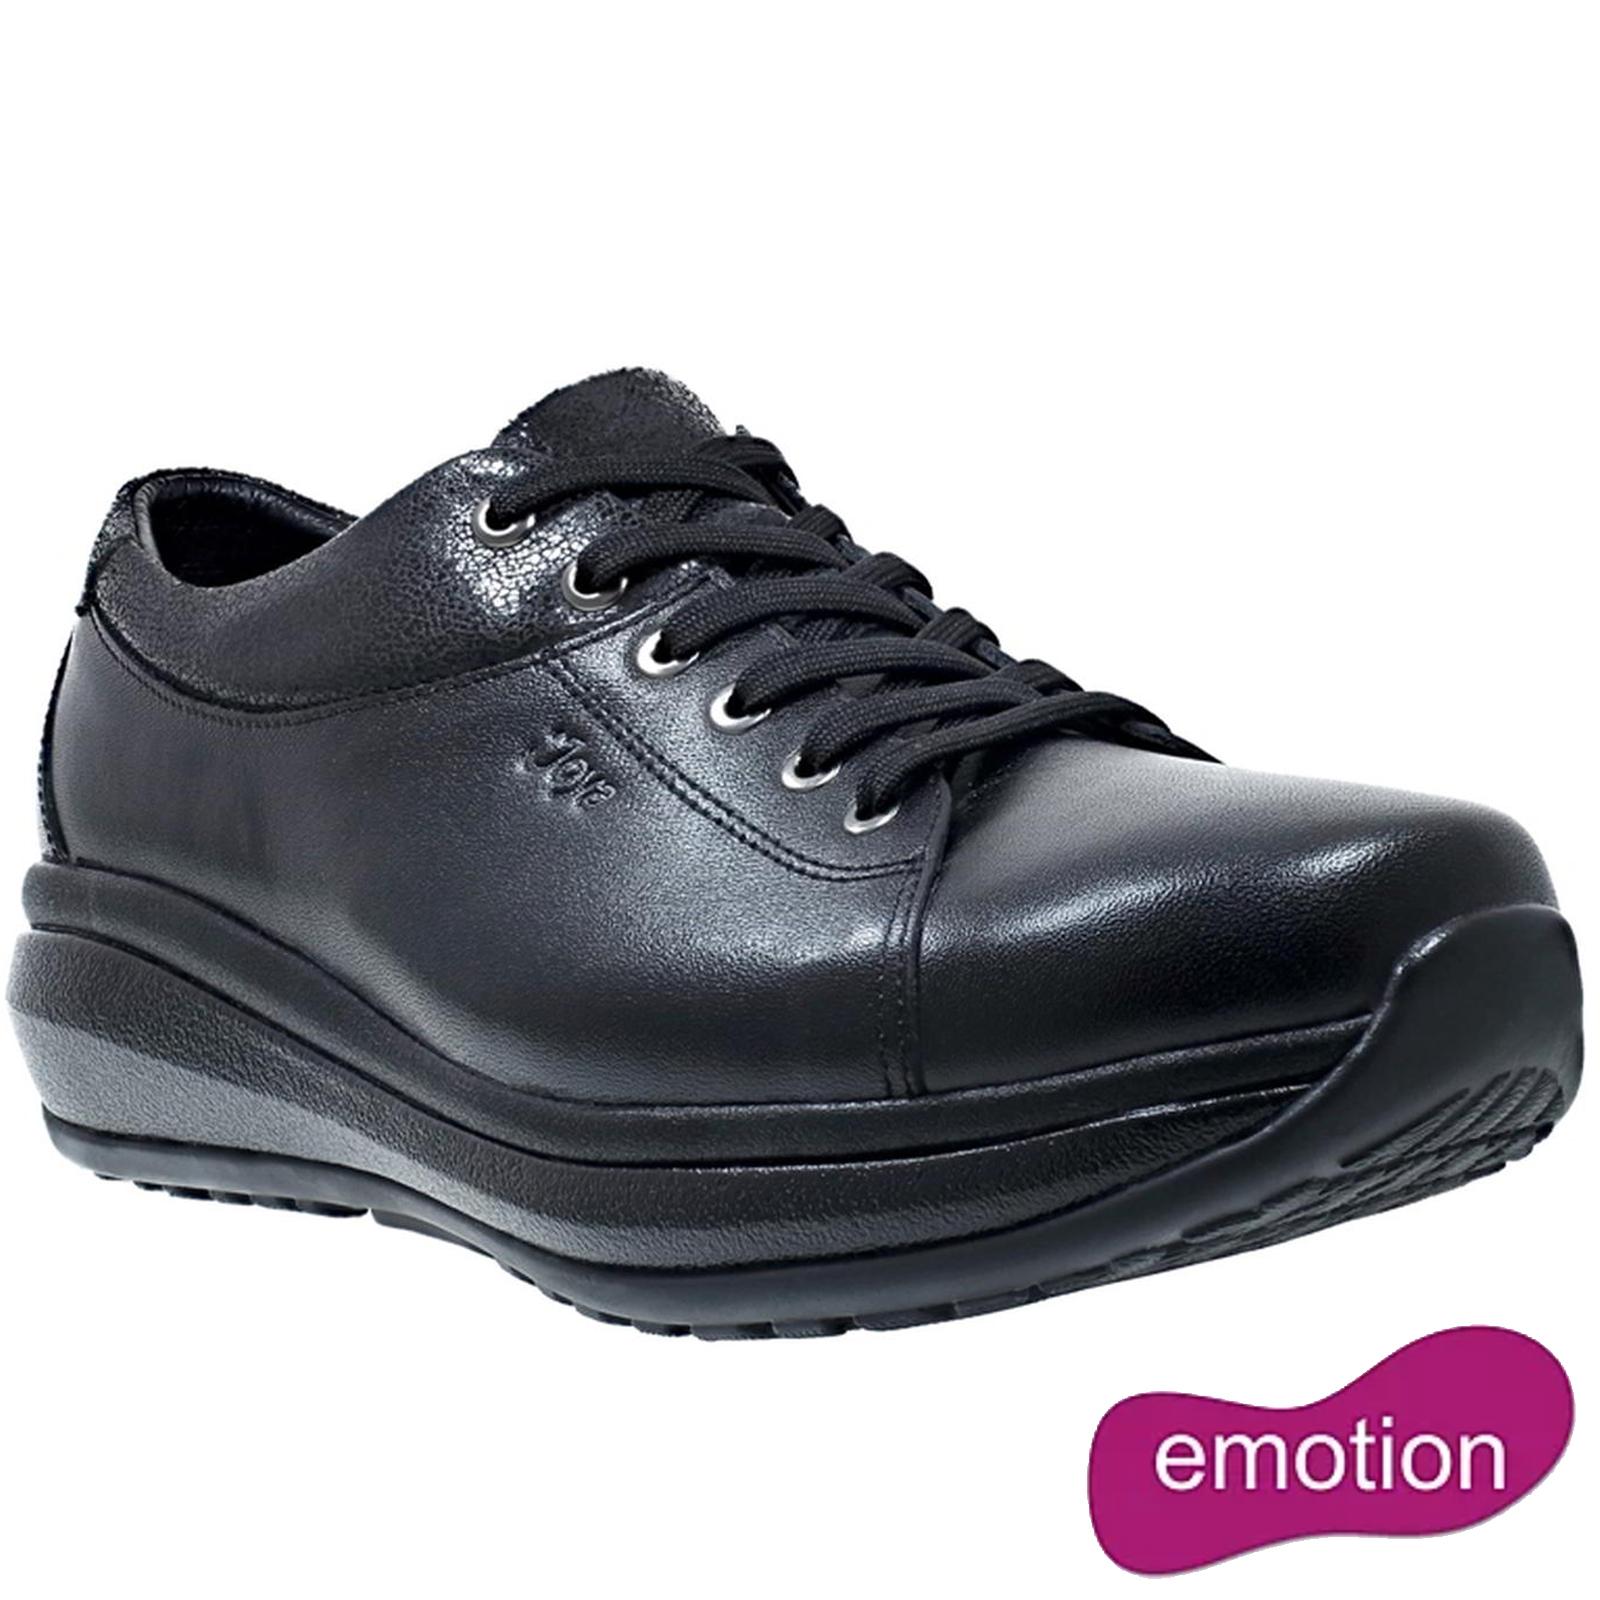 Joya Womens Athena Leather Shoes - Black